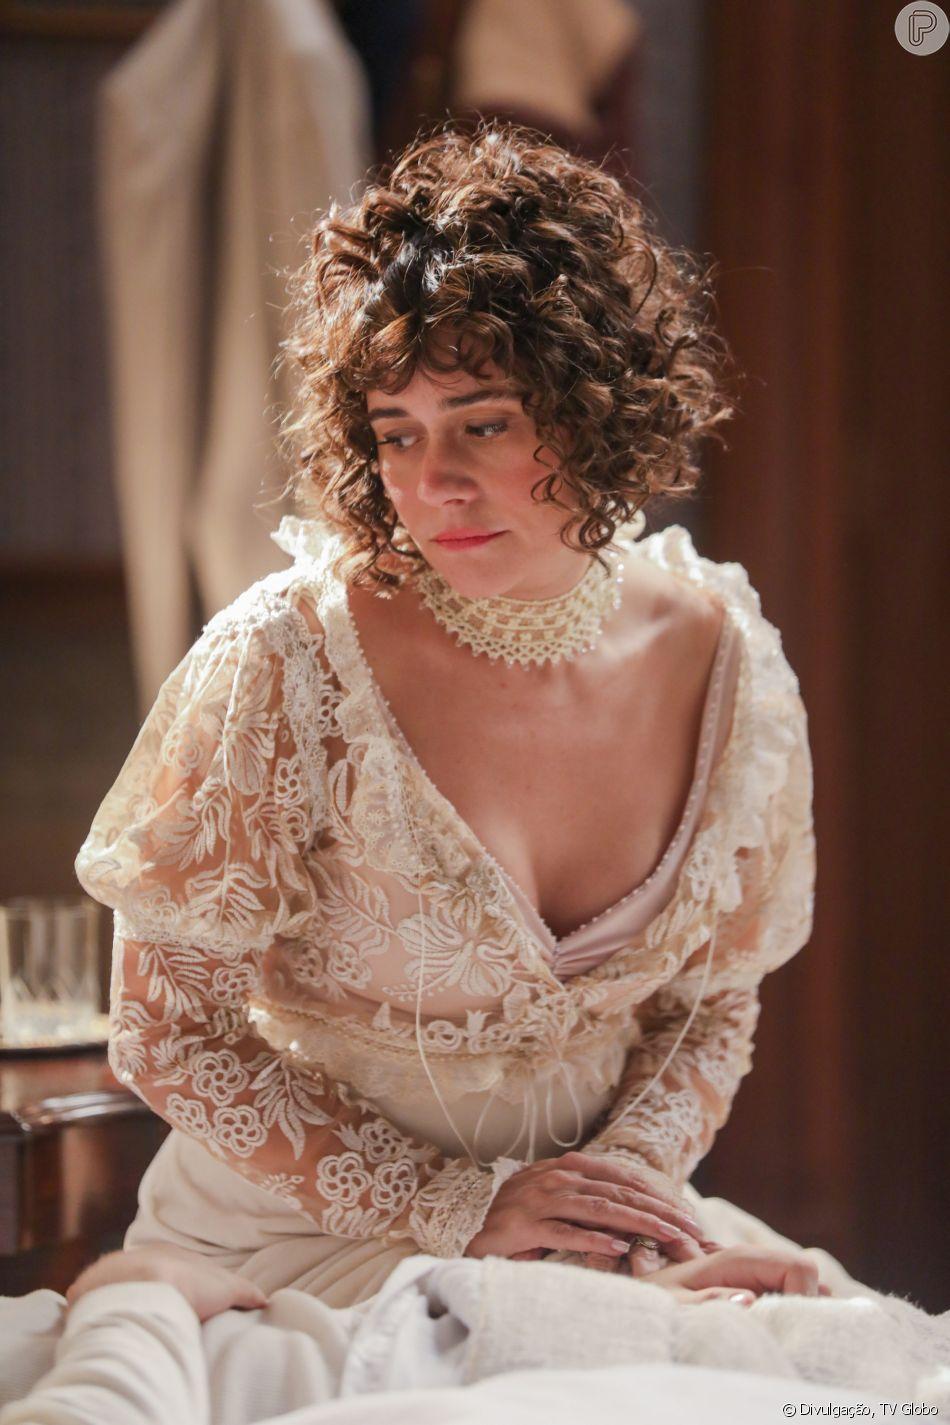 Susana (Alessandra Negrini) se dá mal ao tentar conquistar milionário e acaba humilhada por Petúlia (Grace Gianoukas) no último capítulo da novela 'Orgulho e Paixão'